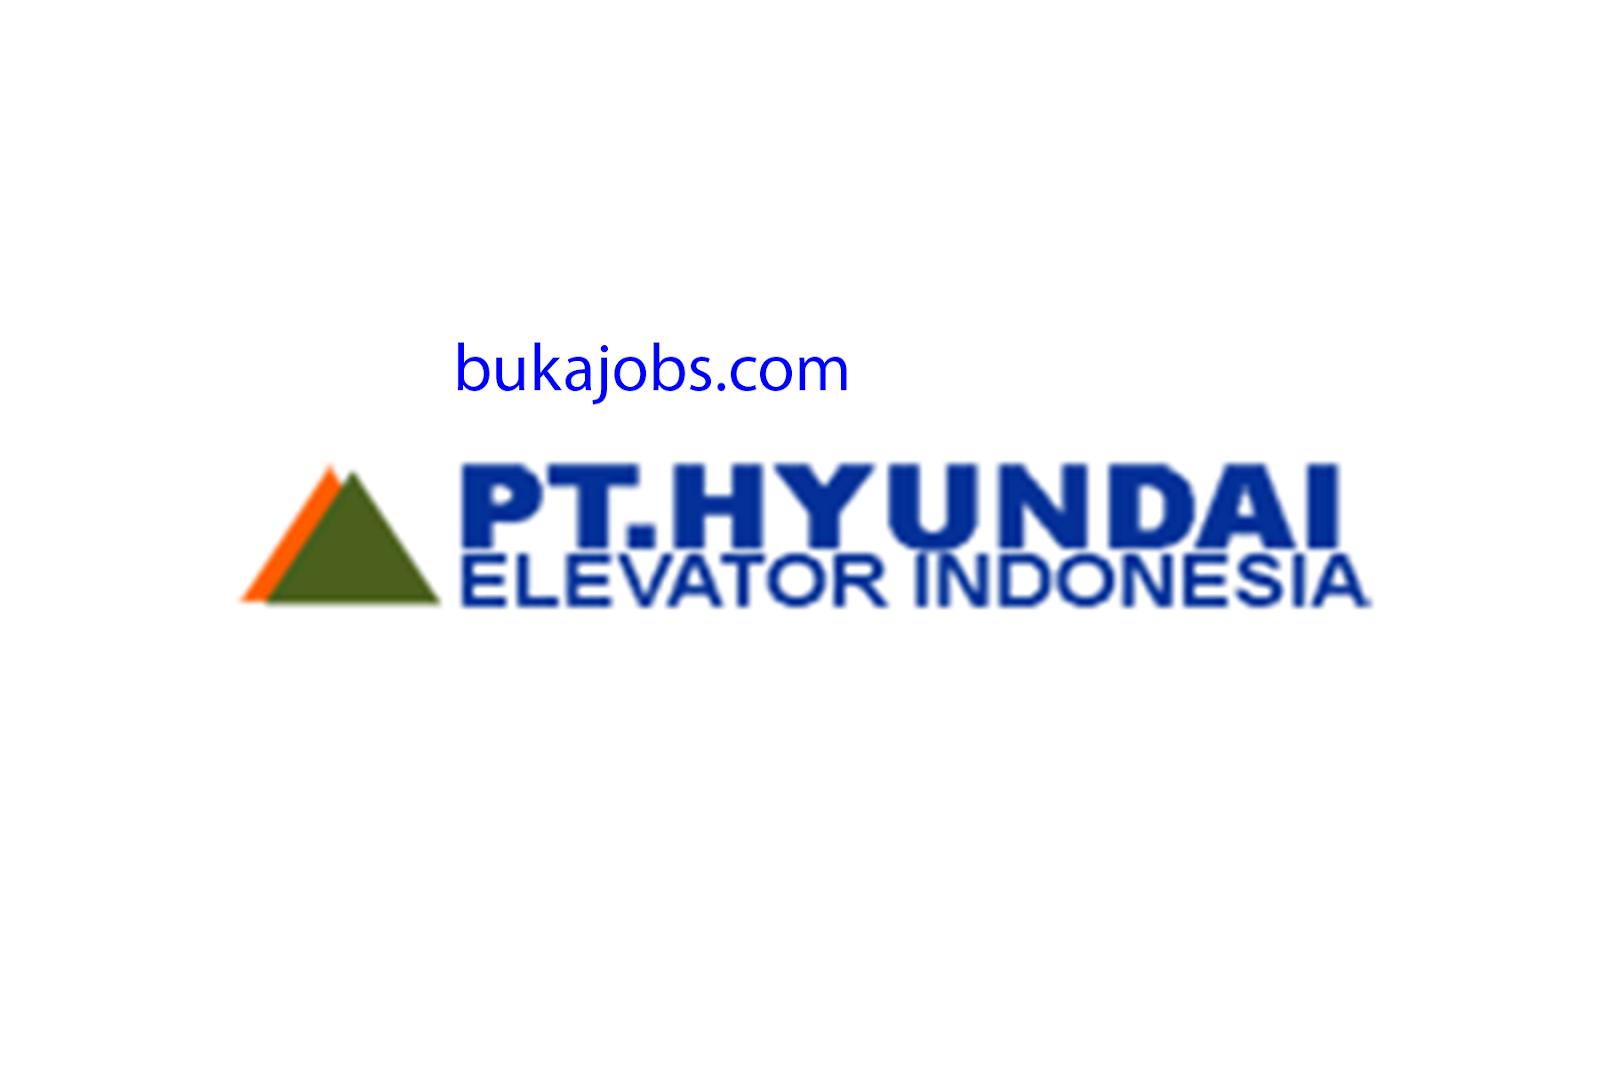 Lowongan Kerja PT Hyundai Elevator Indonesia 2019